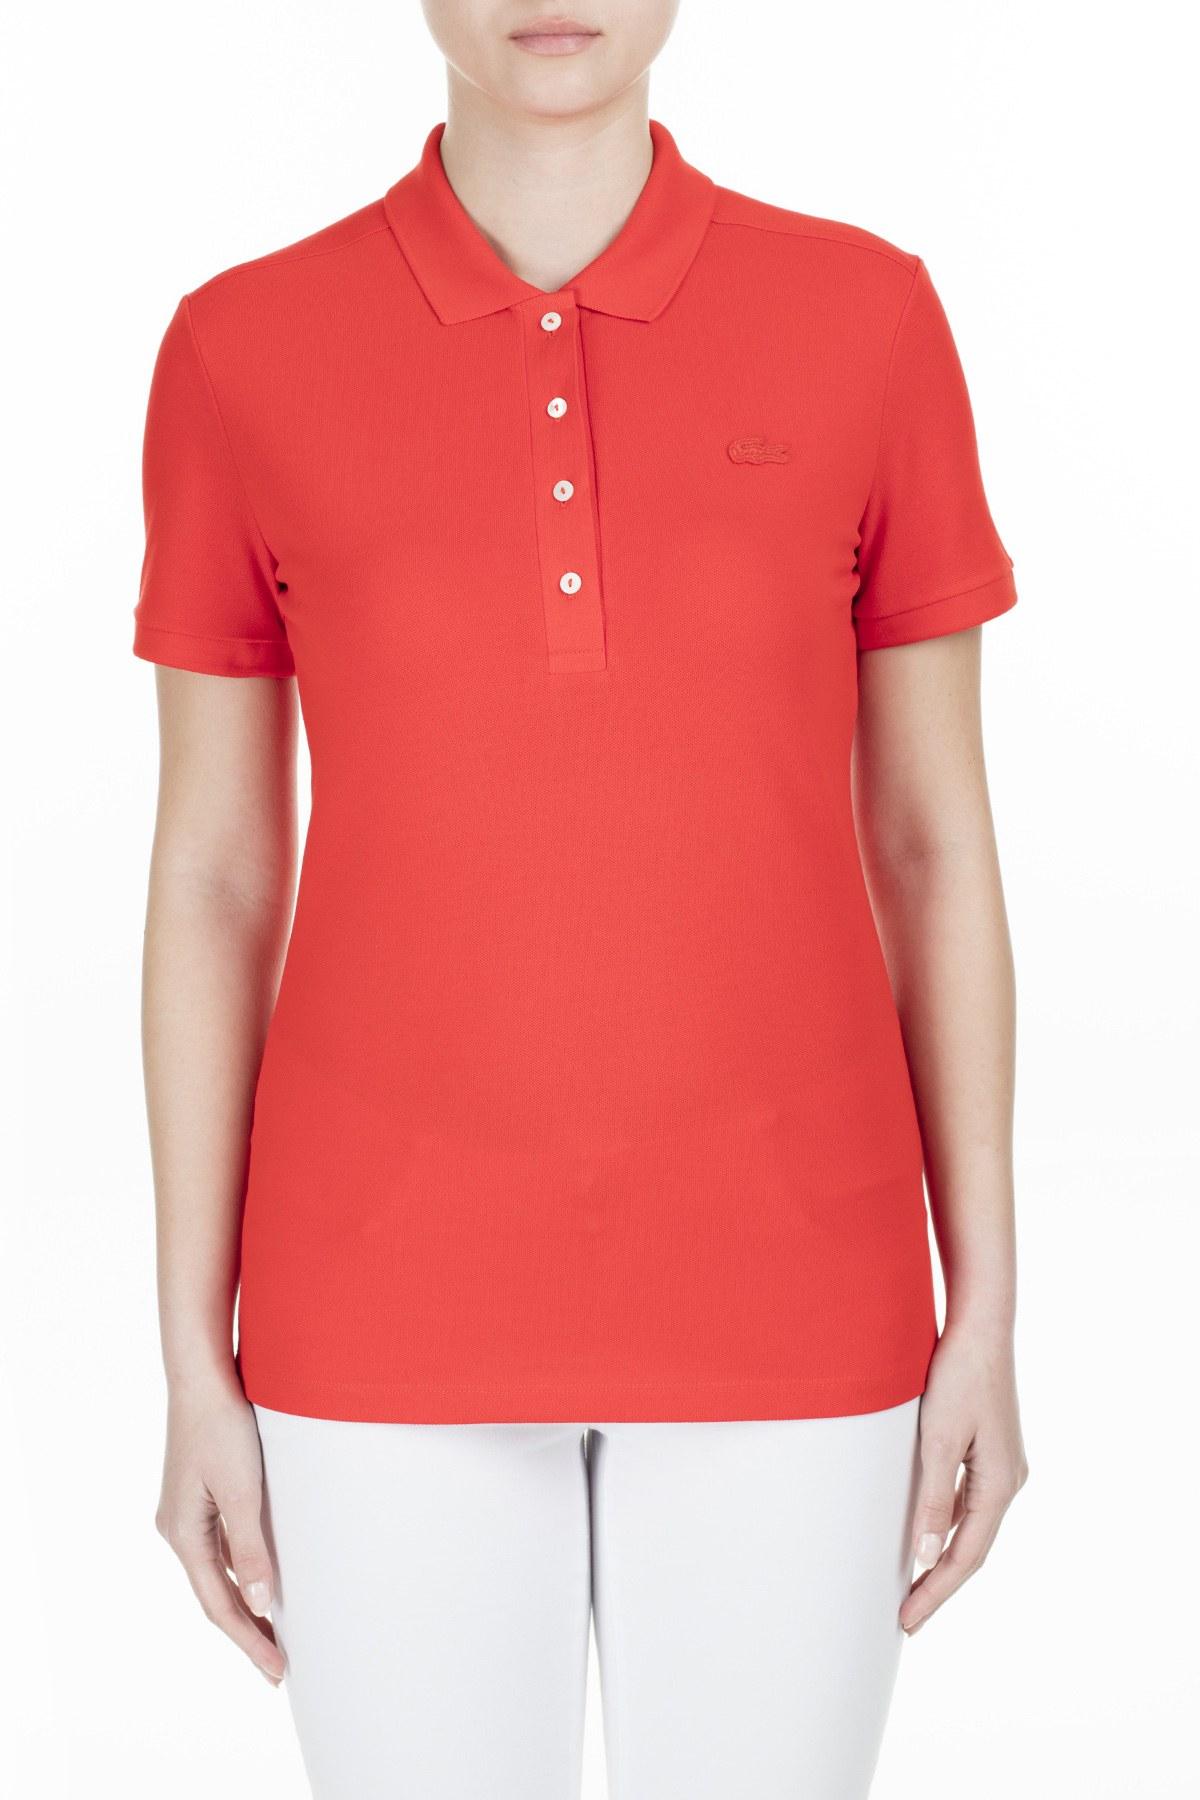 Lacoste Yaka T Shirt Kadın Polo PF5462 S5H KIRMIZI